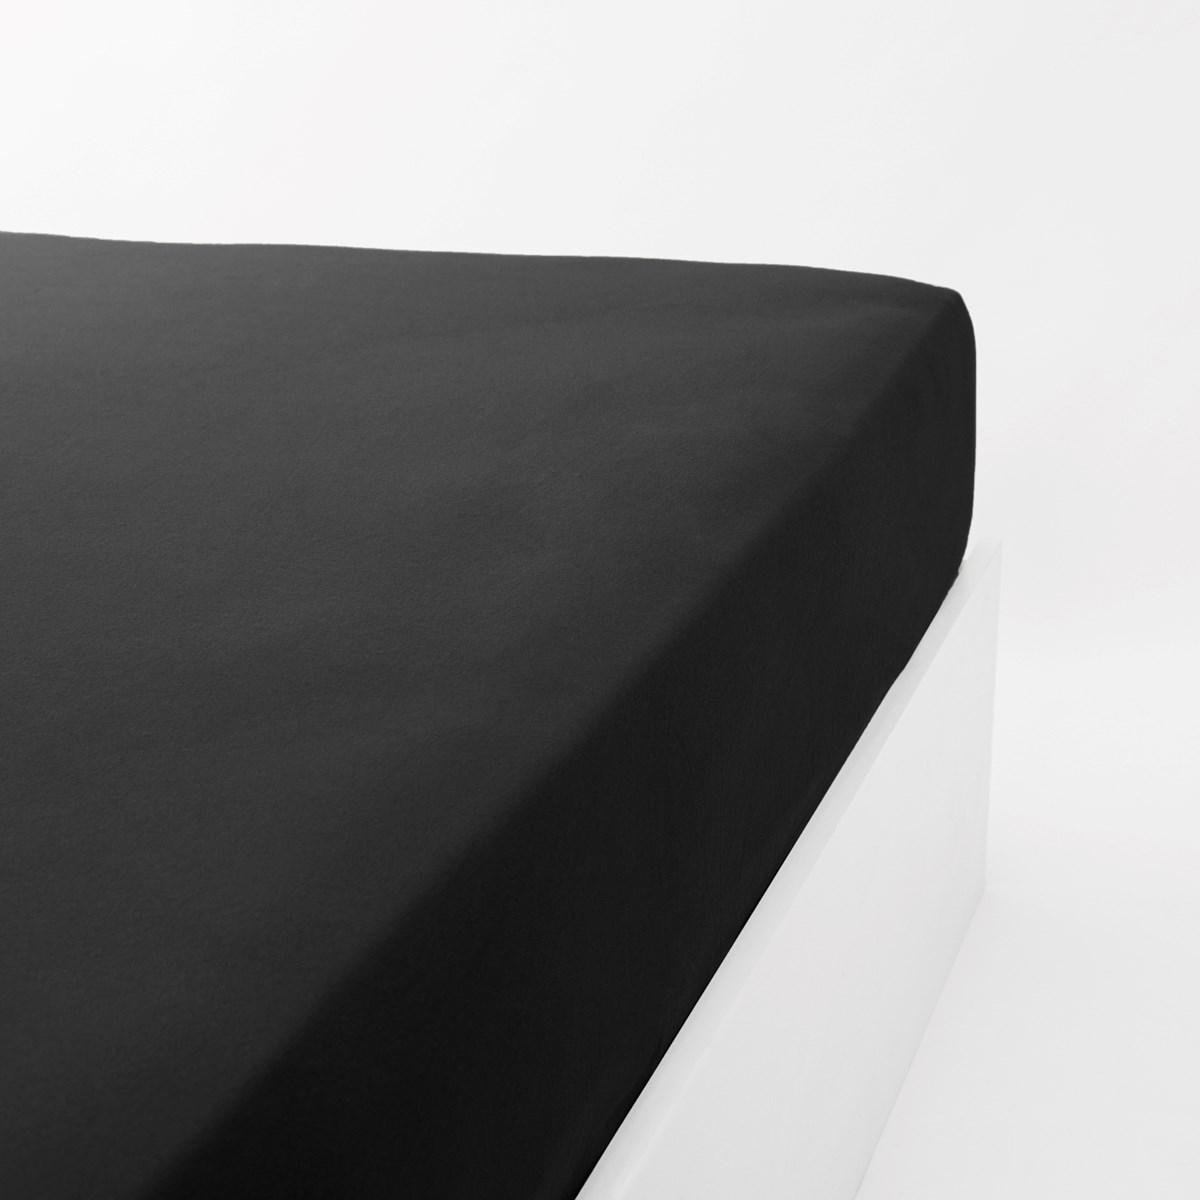 Drap housse jersey extensible en coton noir 80x190 cm